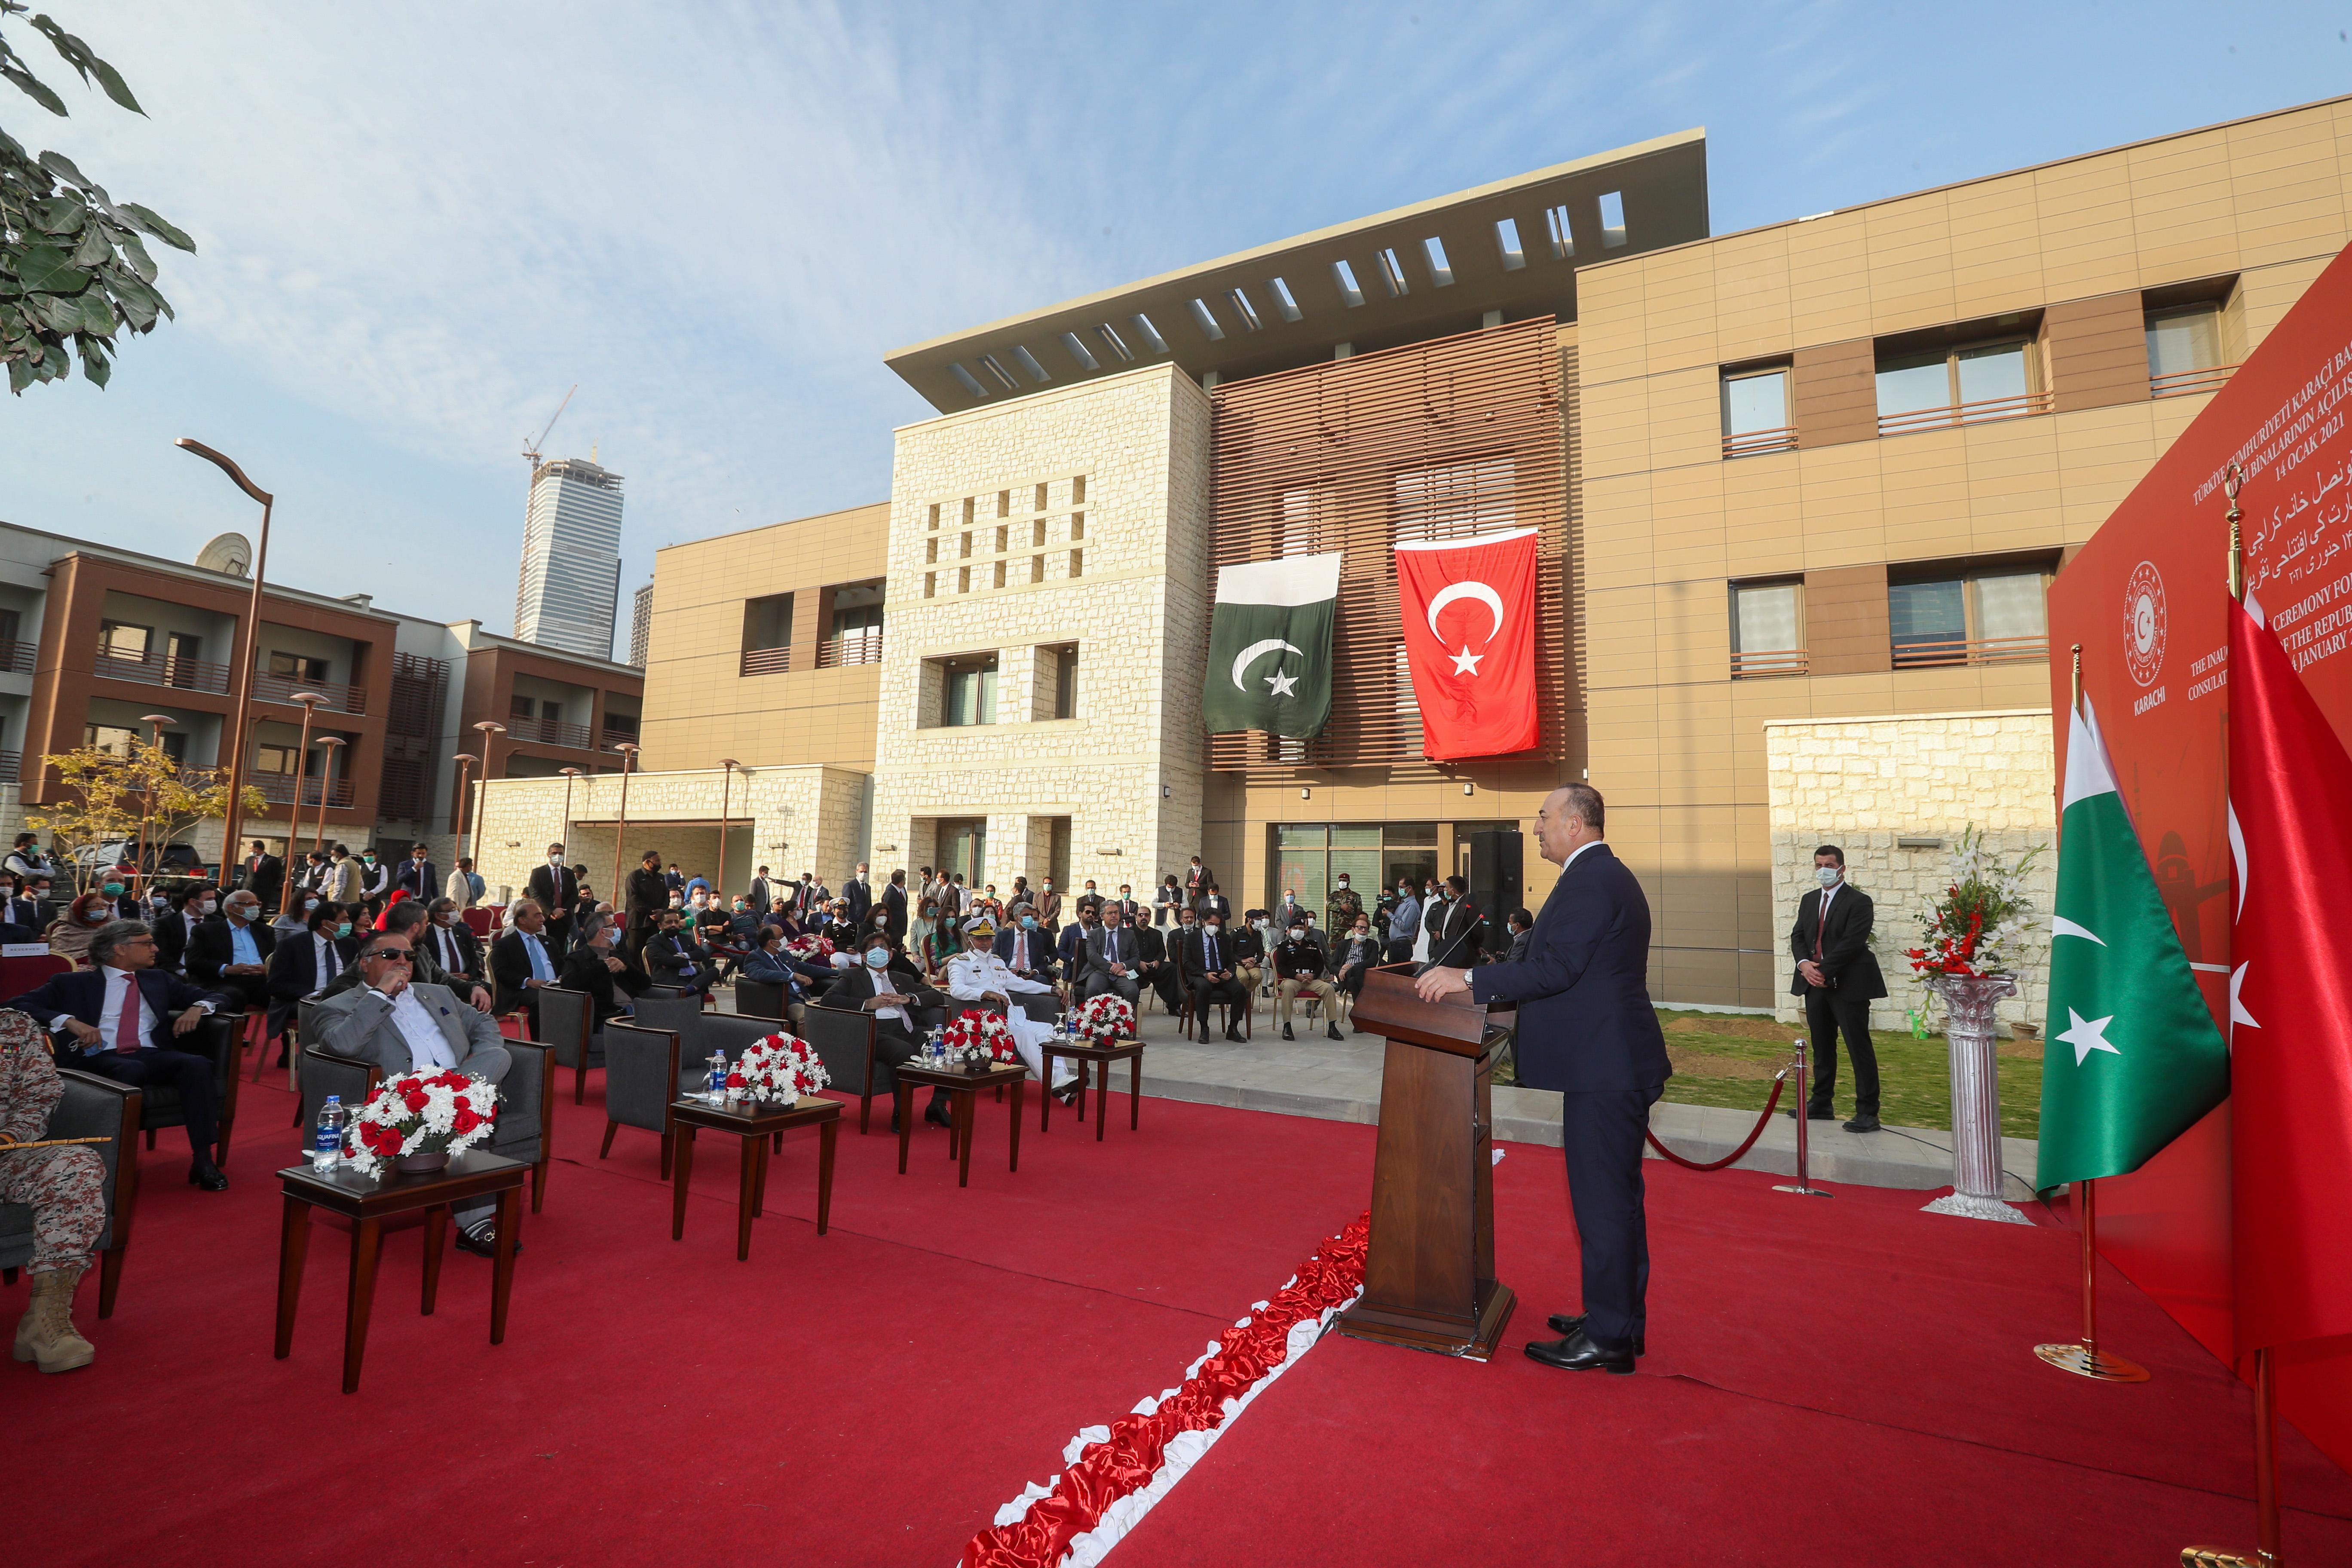 Bakan Çavuşoğlu: Pakistan'la bağ ve işbirliğimizi güçlendireceğiz!